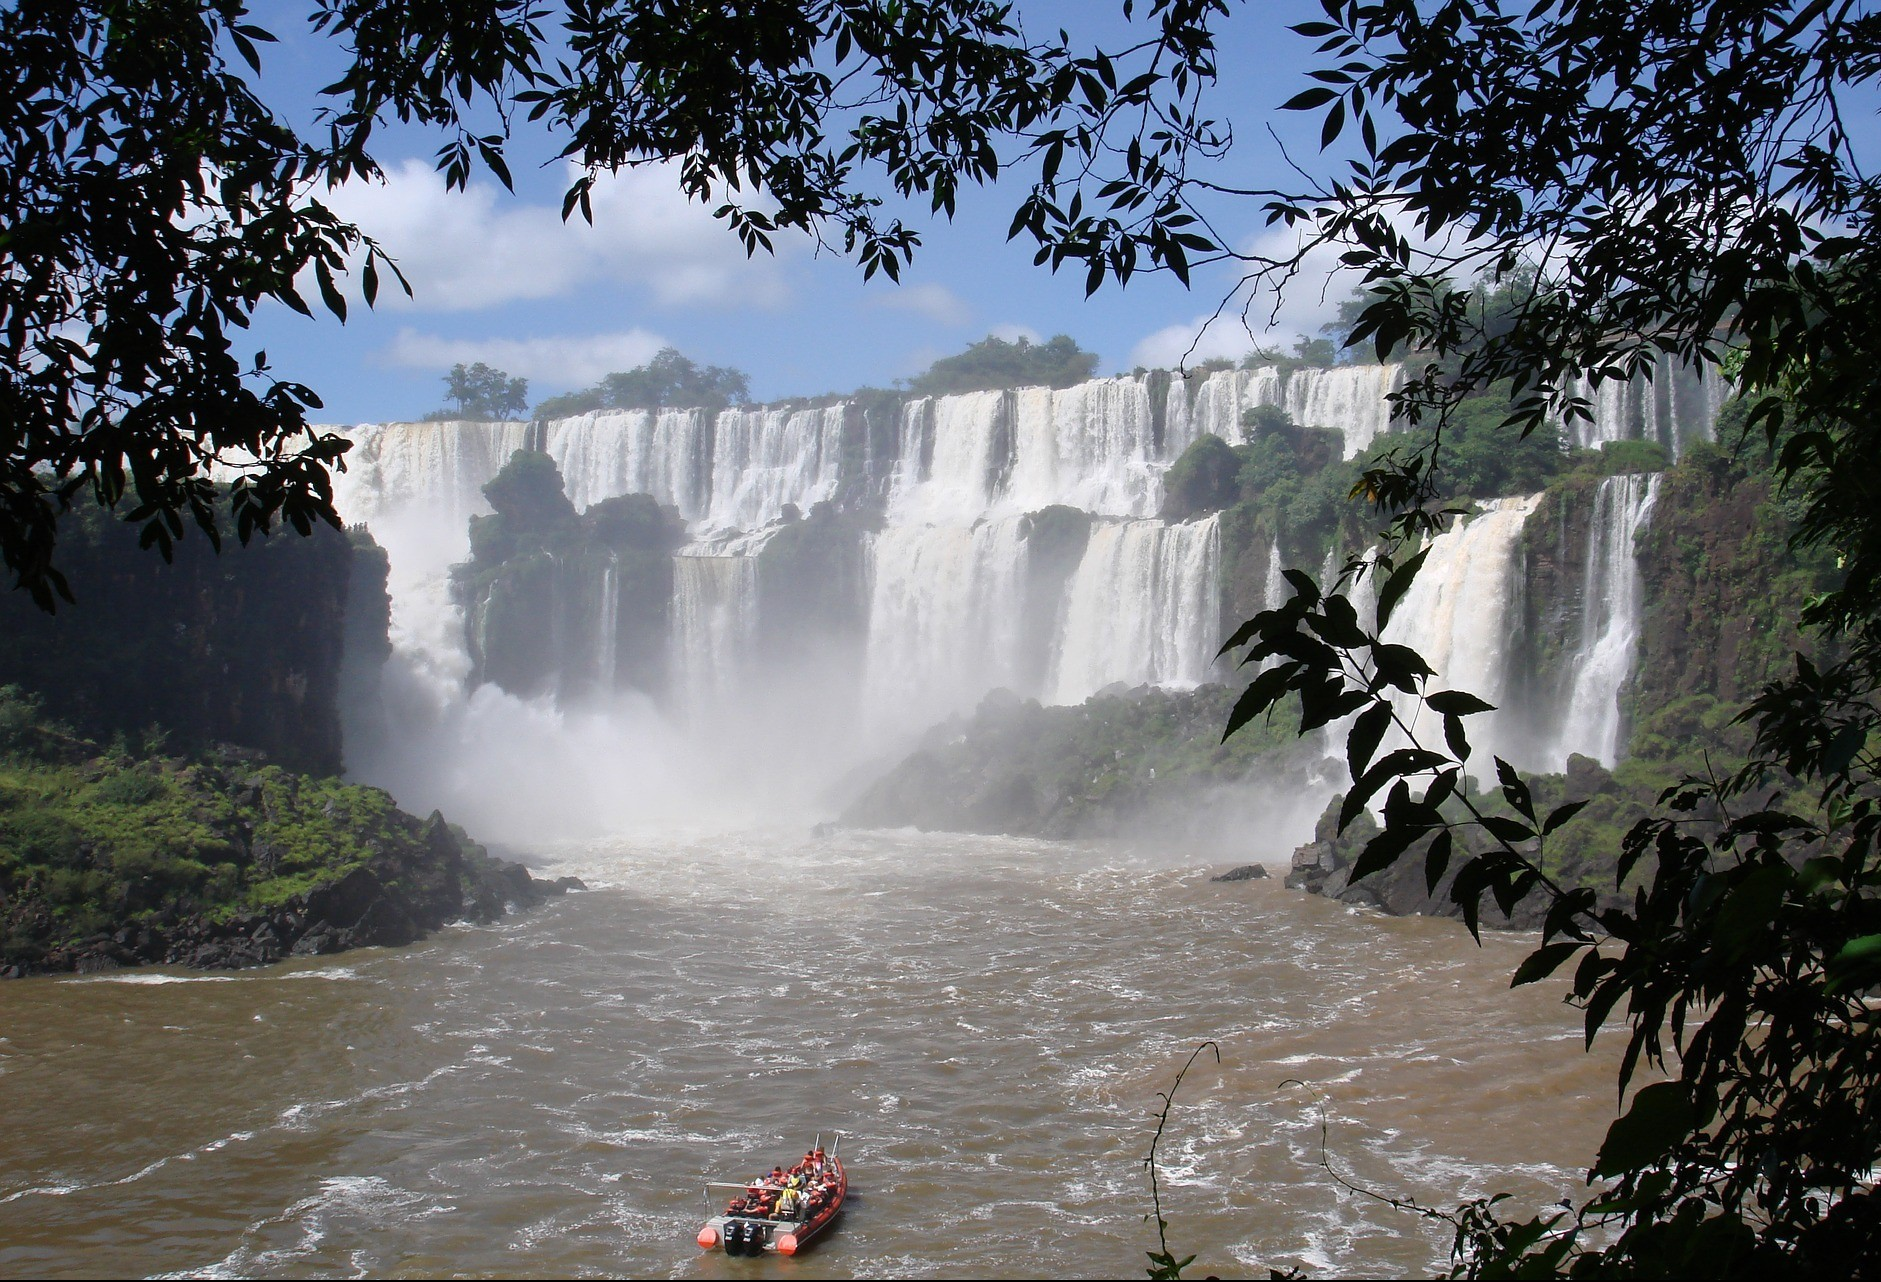 Hotelaria aponta ocupação máxima em Foz do Iguaçu